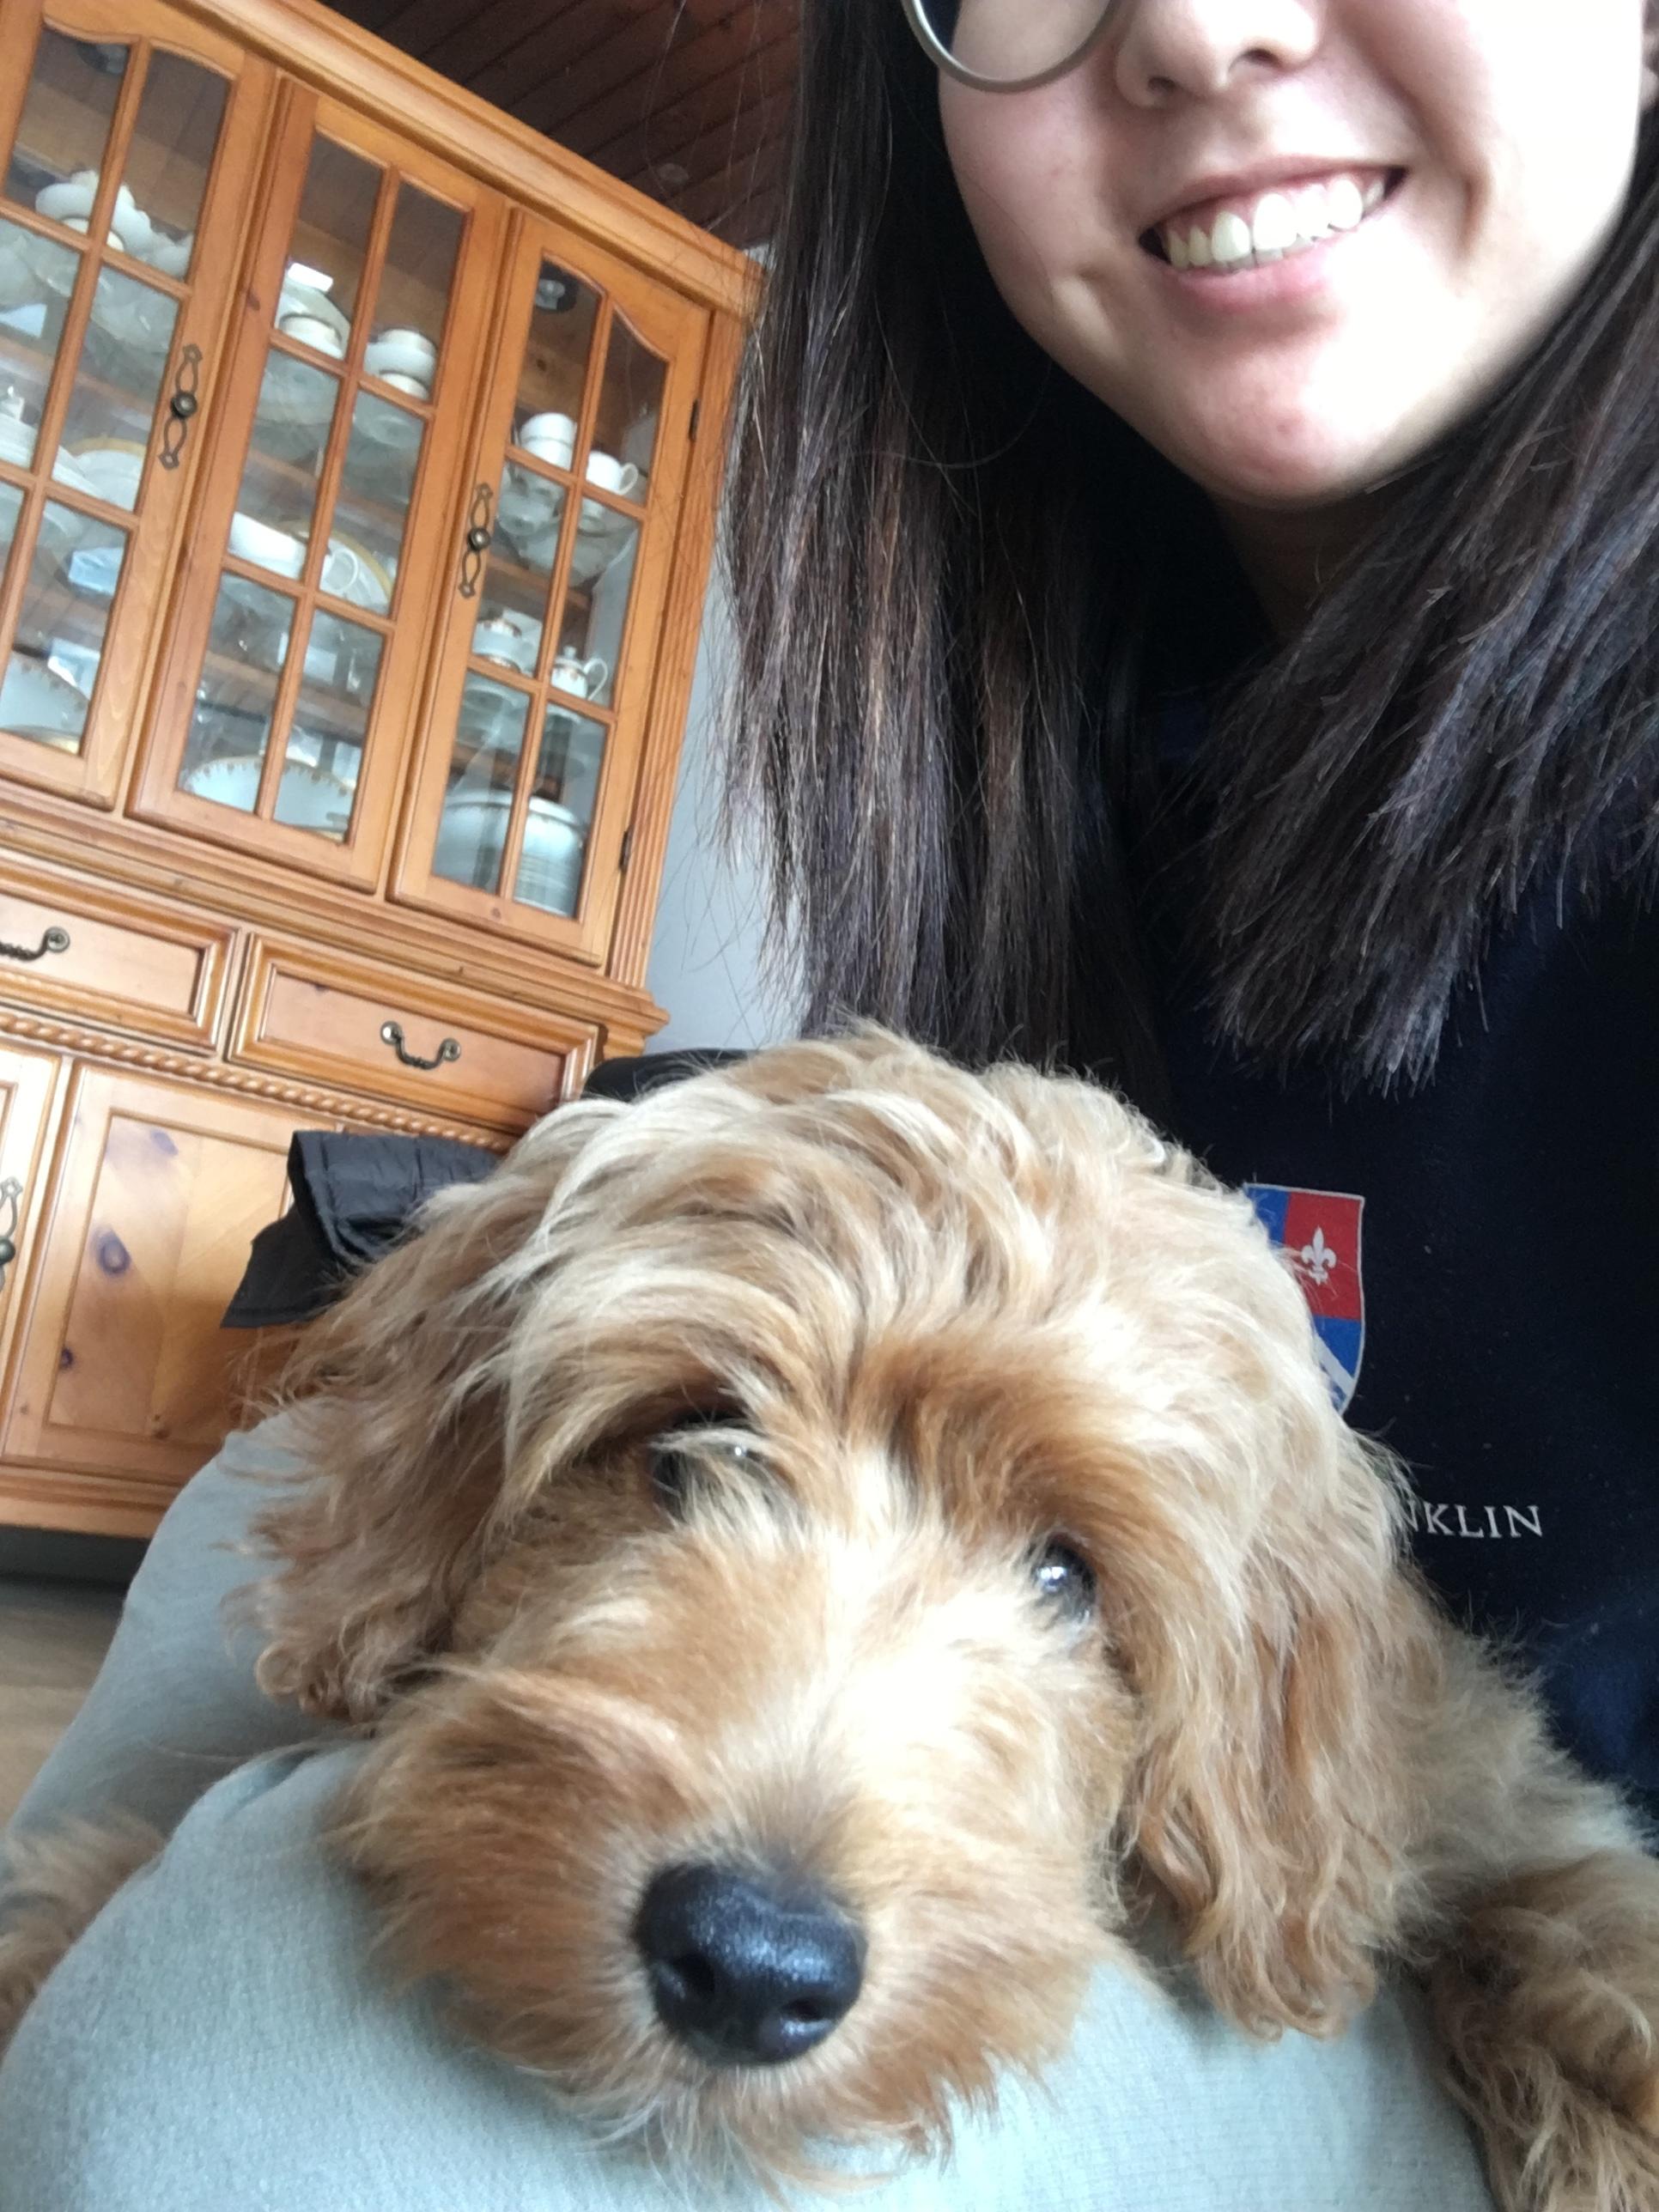 Jiyoung and her dog, Guma.